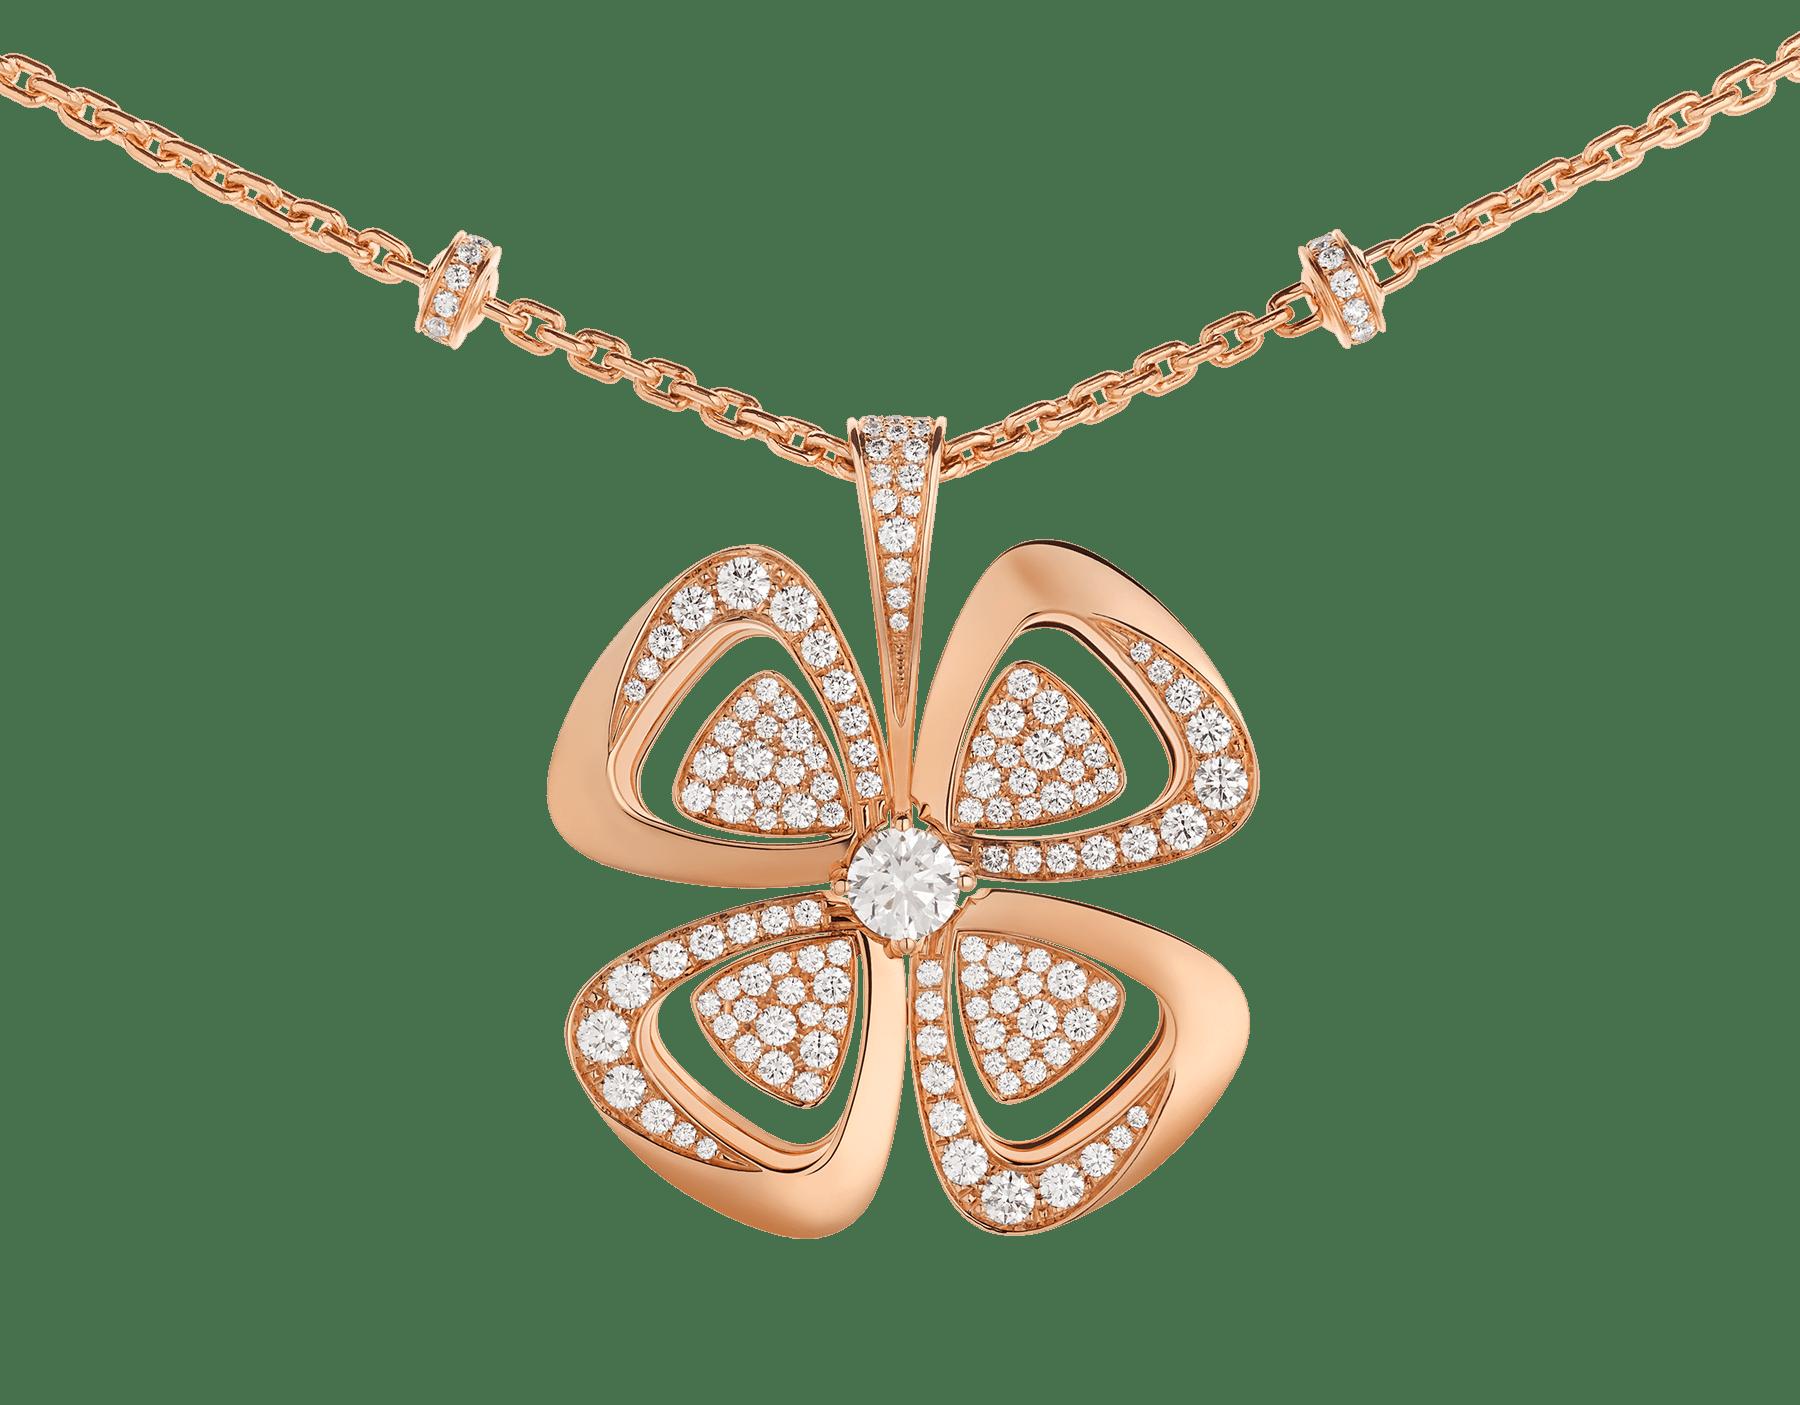 Collier Fiorever en or rose 18K serti d'un diamant rond taille brillant au centre (0,70ct) et pavé diamants (3,55cts). 357218 image 3